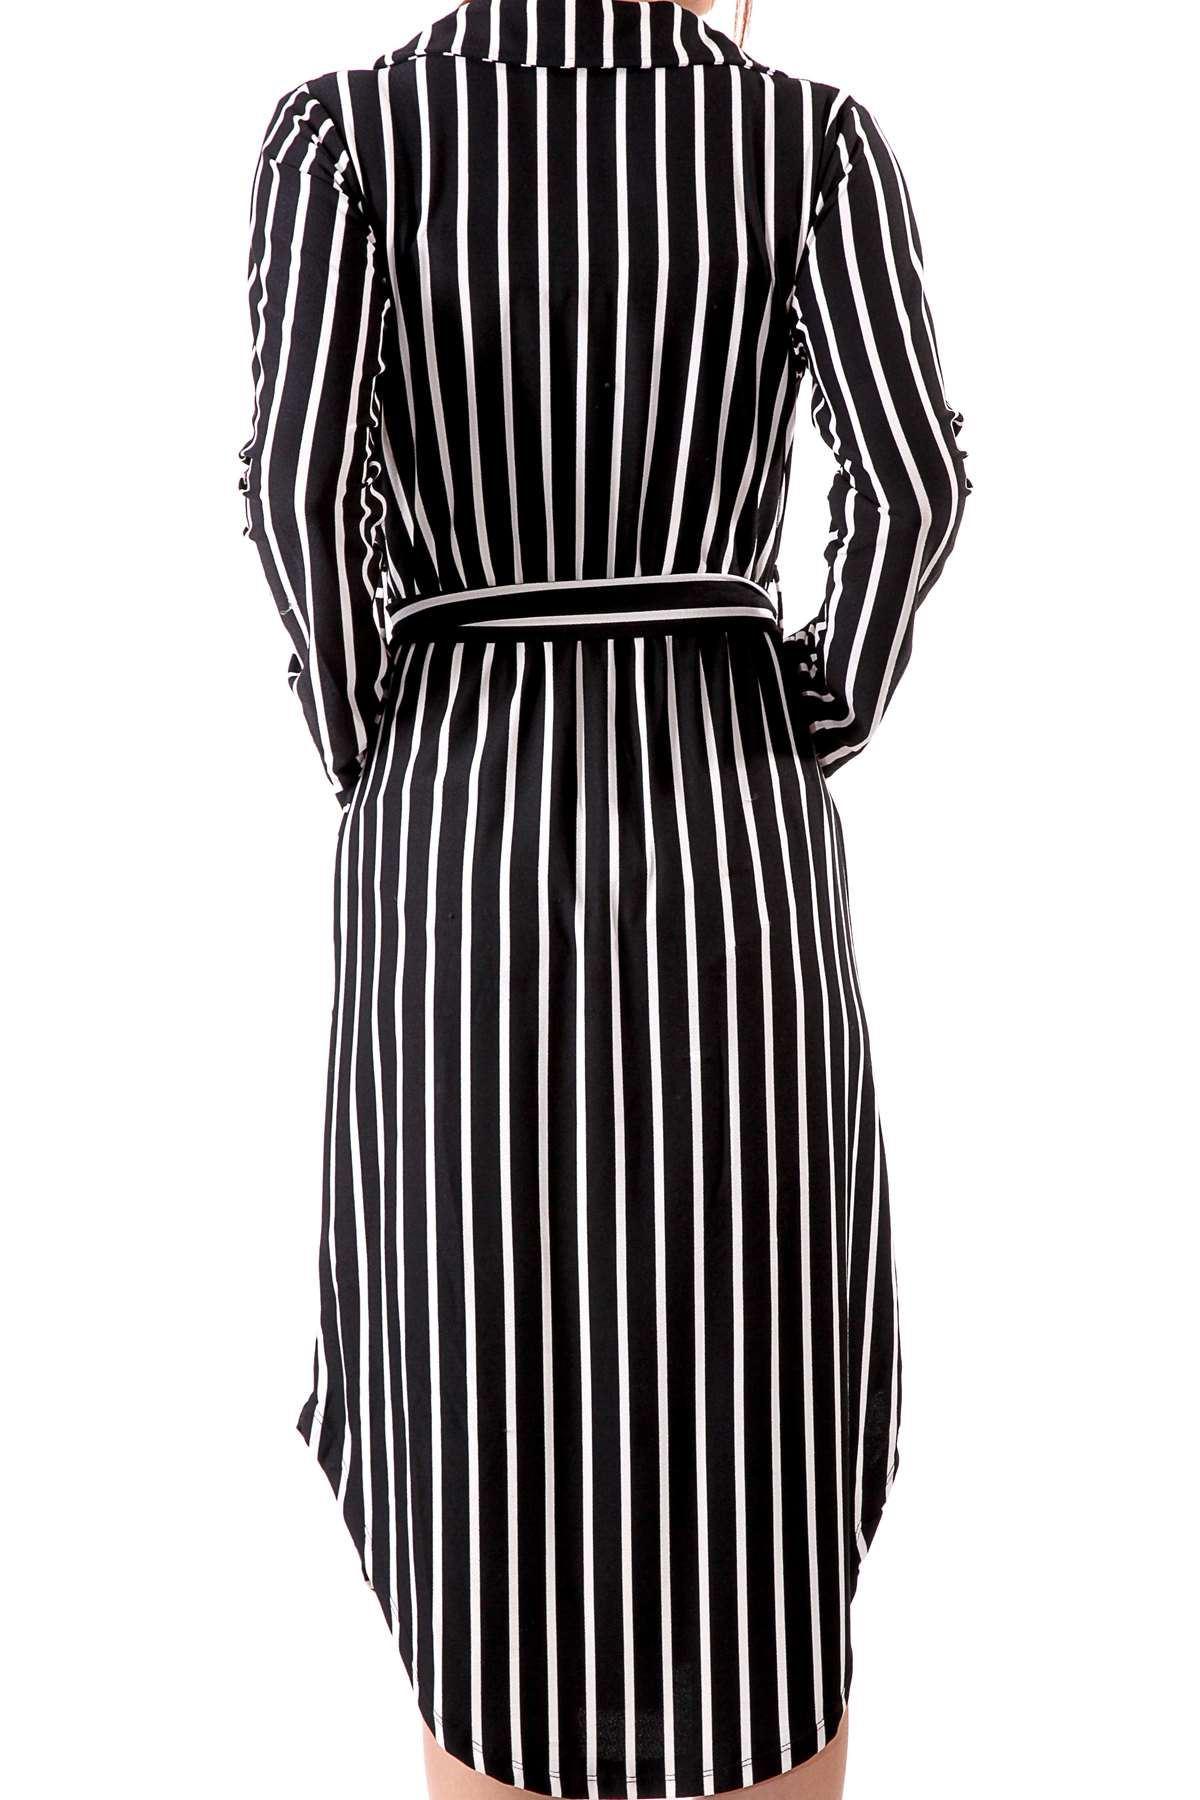 Boyuna Şeritli Önü Yırtmaçlı Cep Detaylı Önü Çarpraz Elbise Siyah-Beyaz